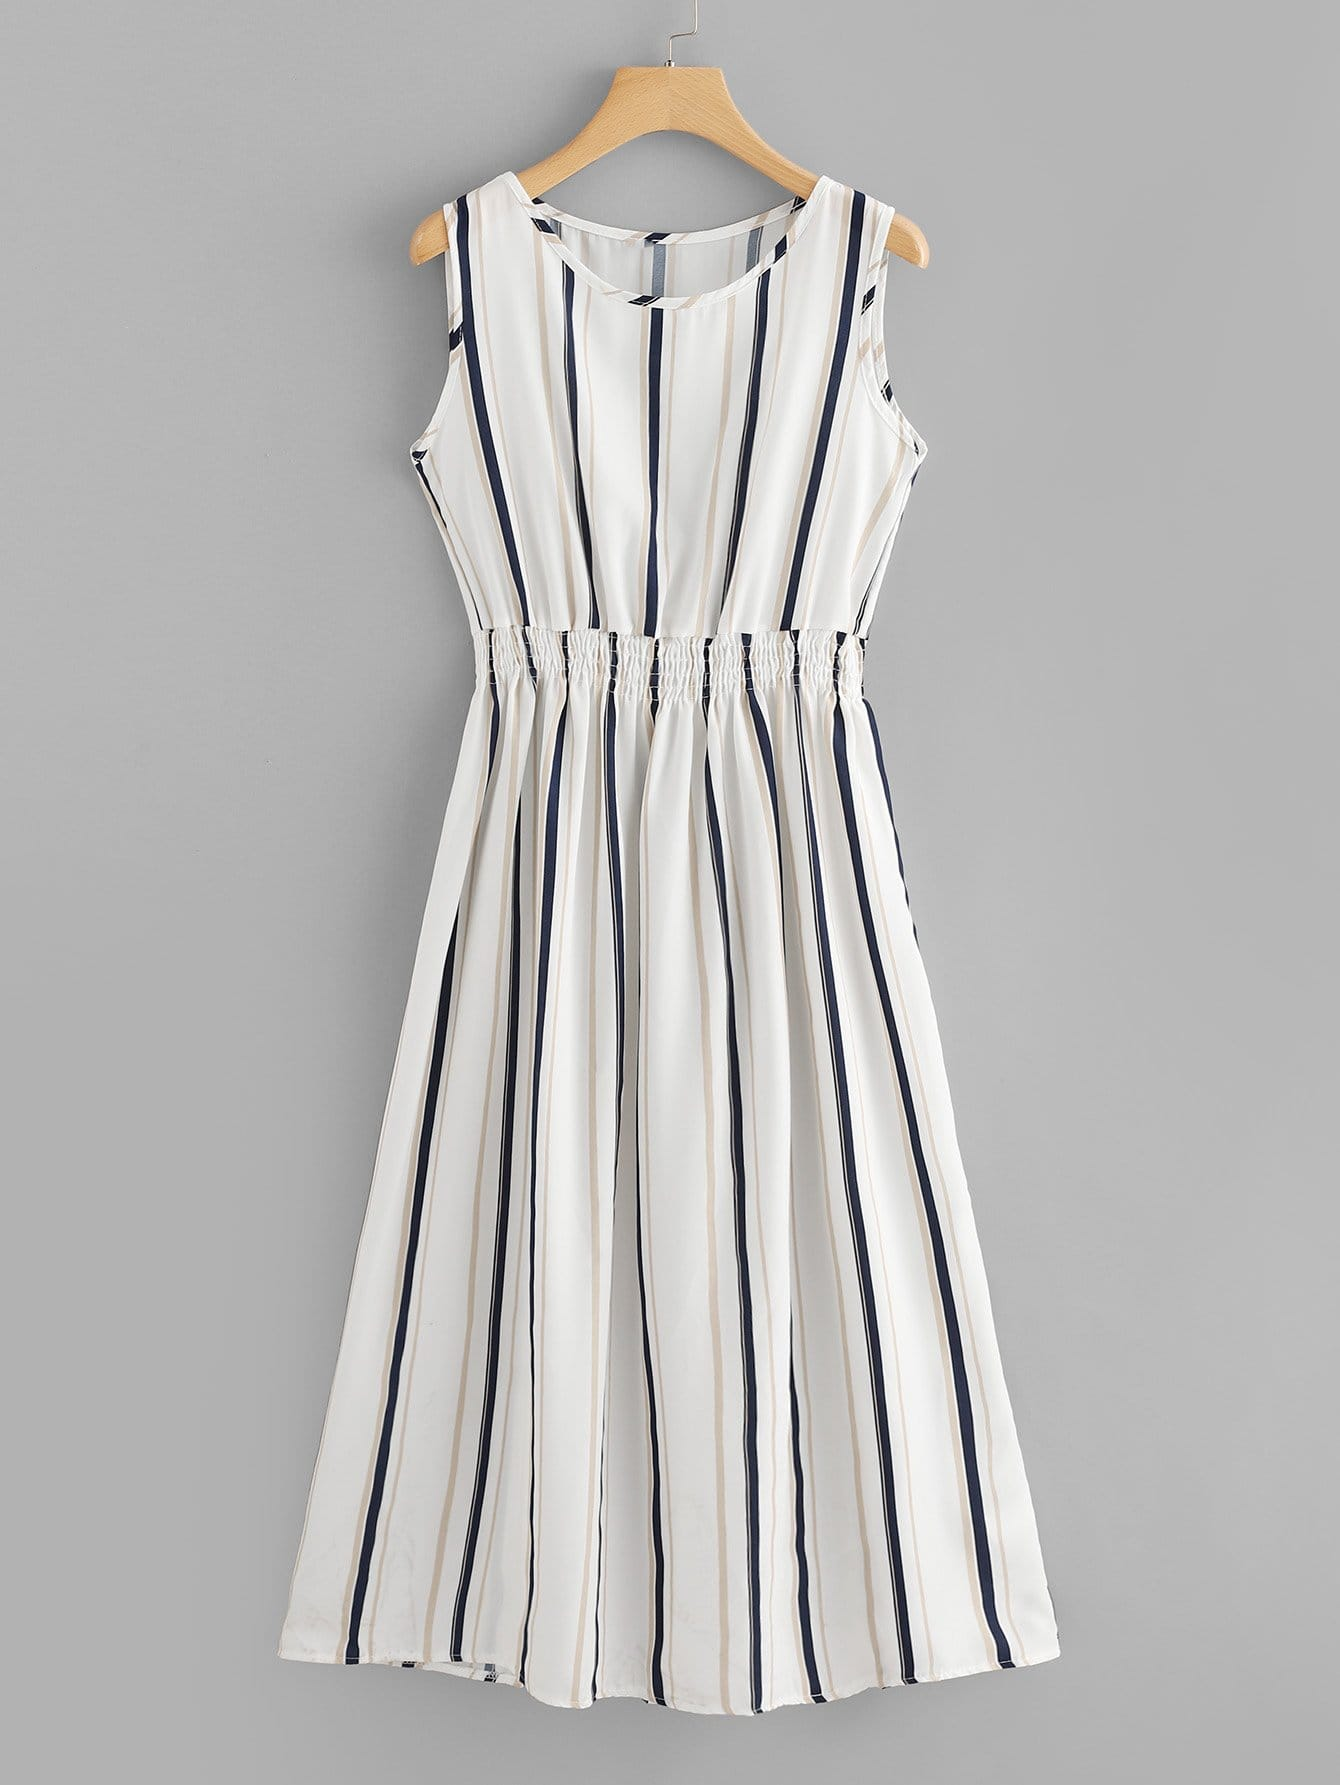 Купить Платье с эластичным поясом с полосками, null, SheIn